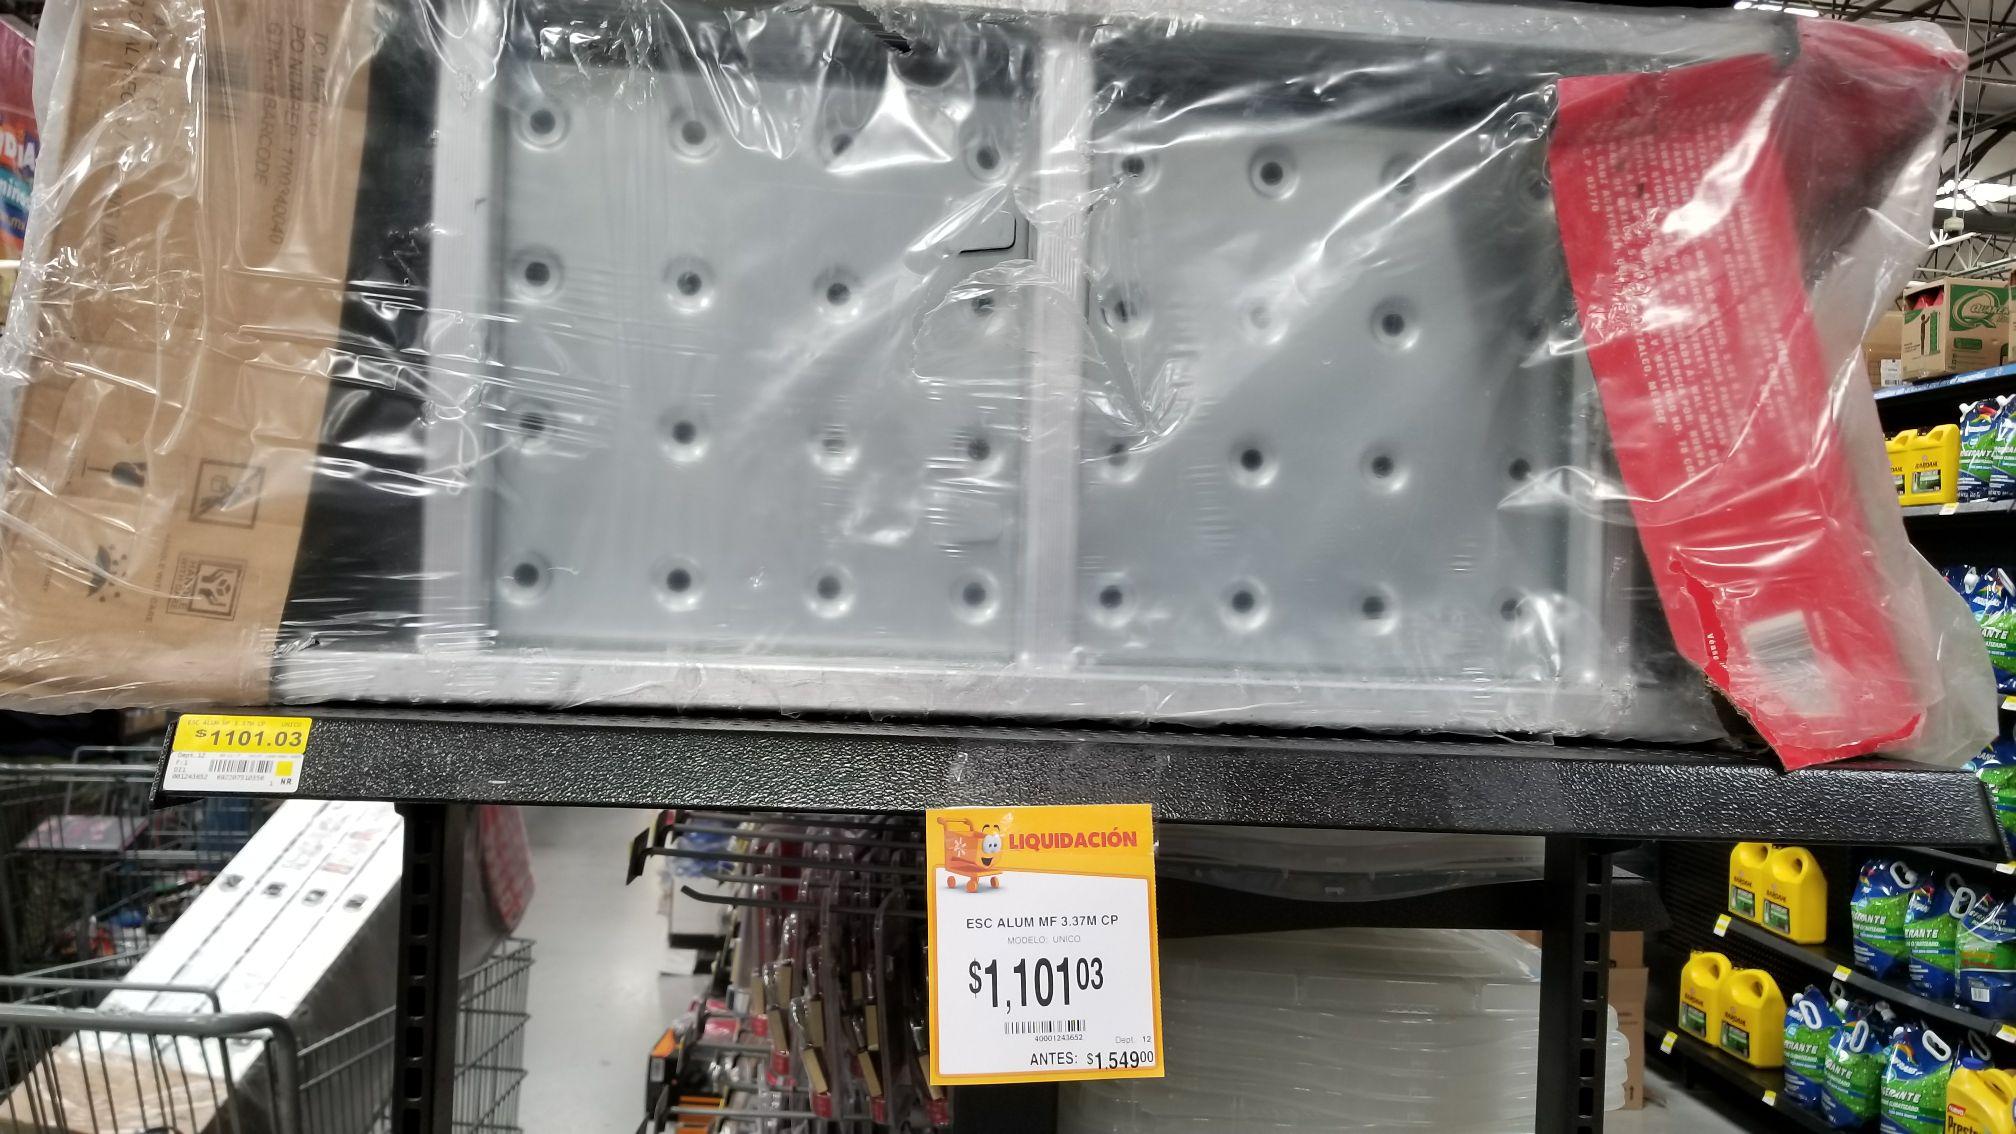 Walmart: liquidación escalera multiposicion Handiworks